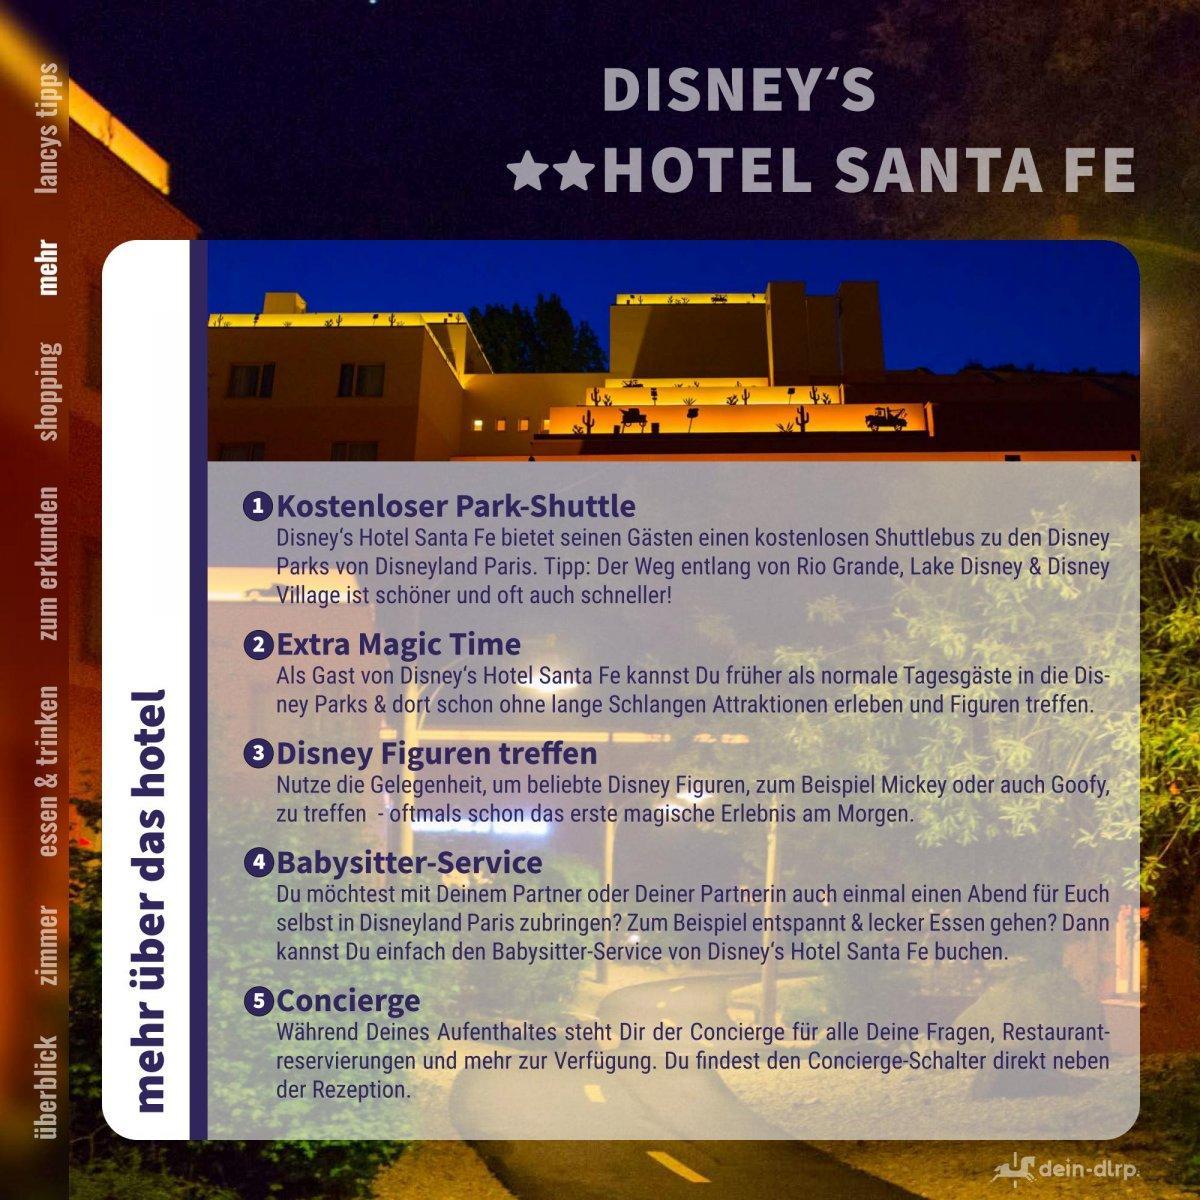 disneys-hotel-santa-fe-hotel-fuehrer_07.jpg